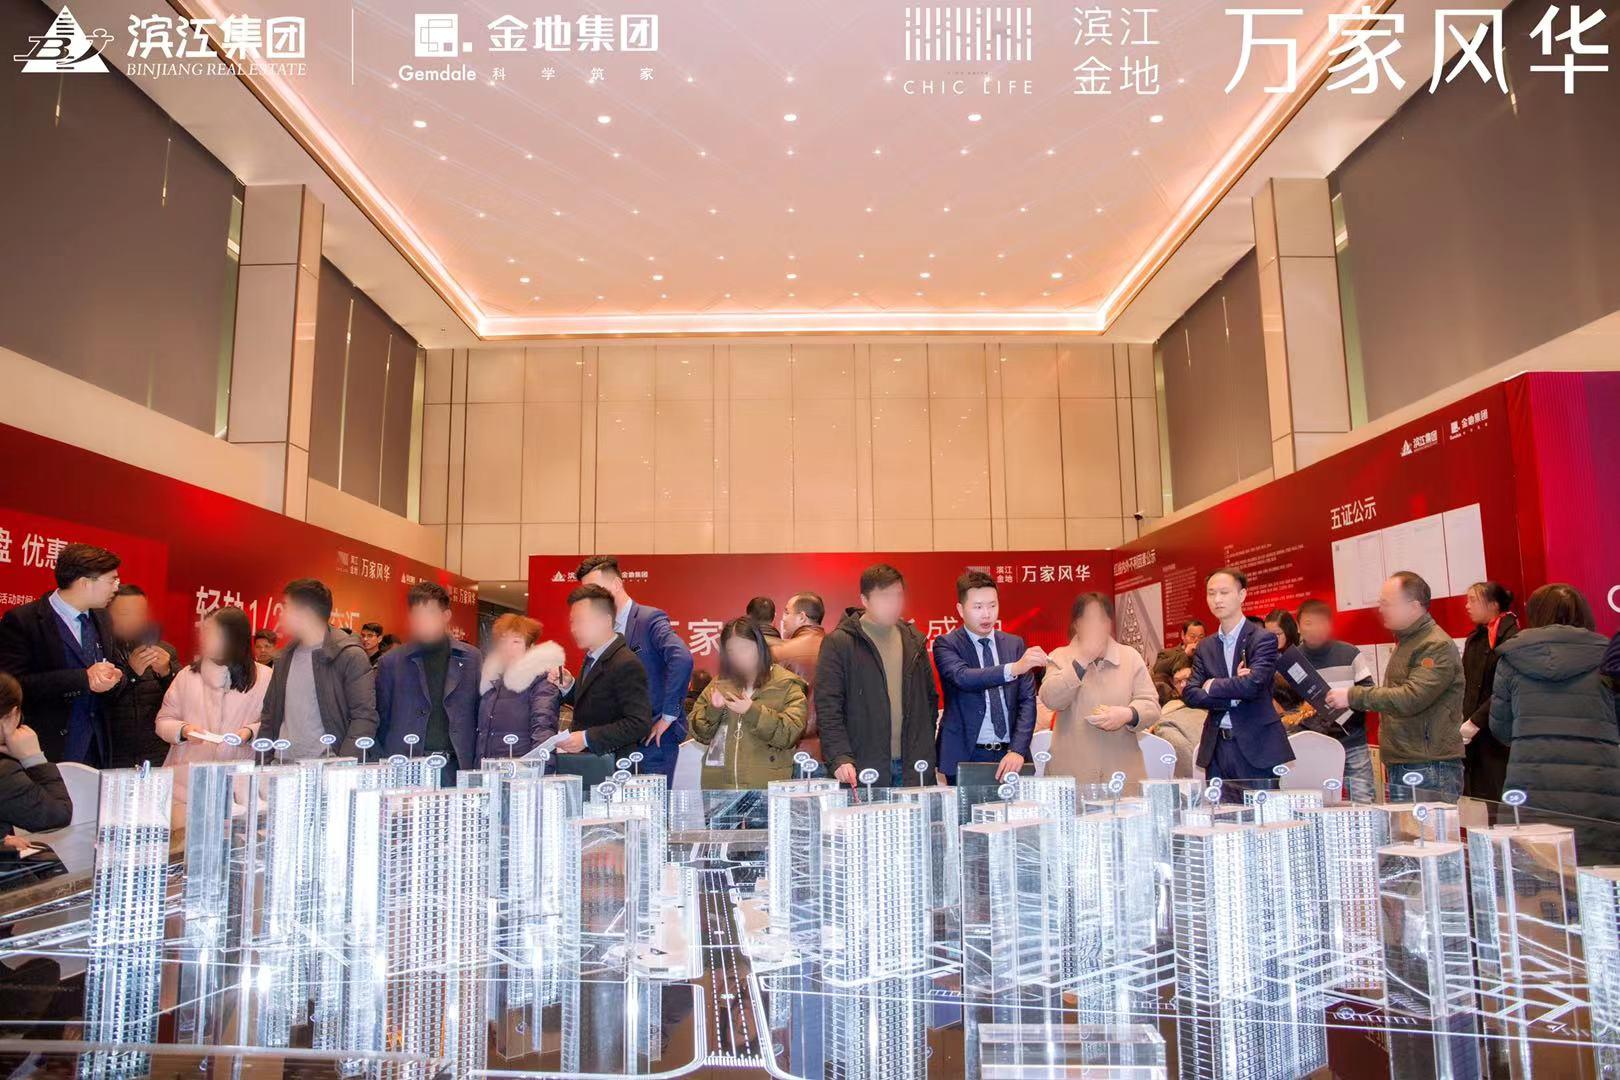 滨江金地·万家风华 | 2020新启时,首开劲销势动义乌 销售近五亿